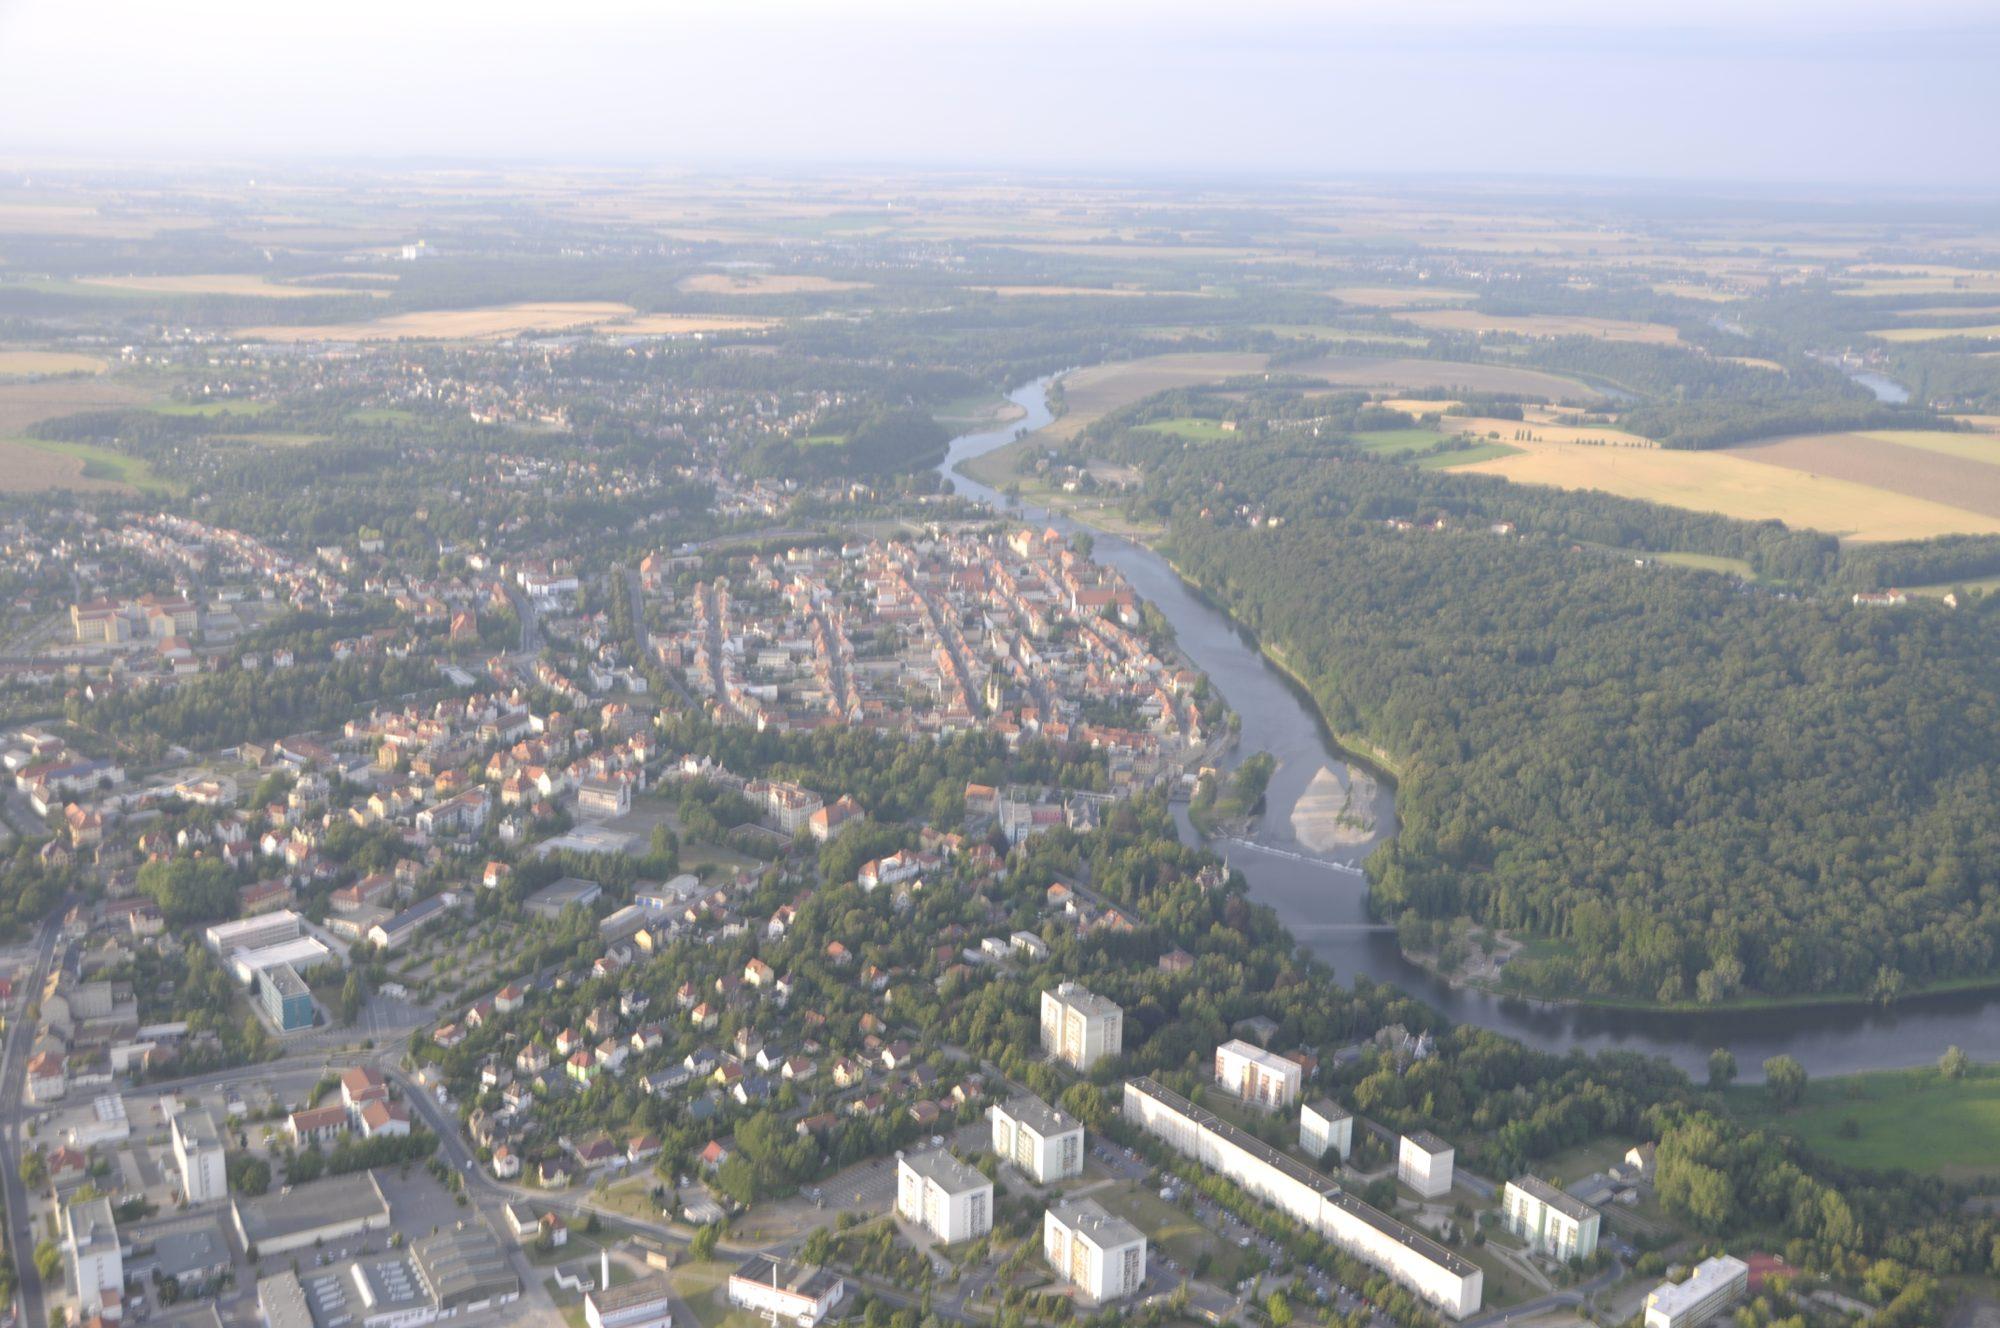 Grimma aus der Luft - Dieser Stadtteil stand vor wenigen Wochen noch komplett unter Wasser...